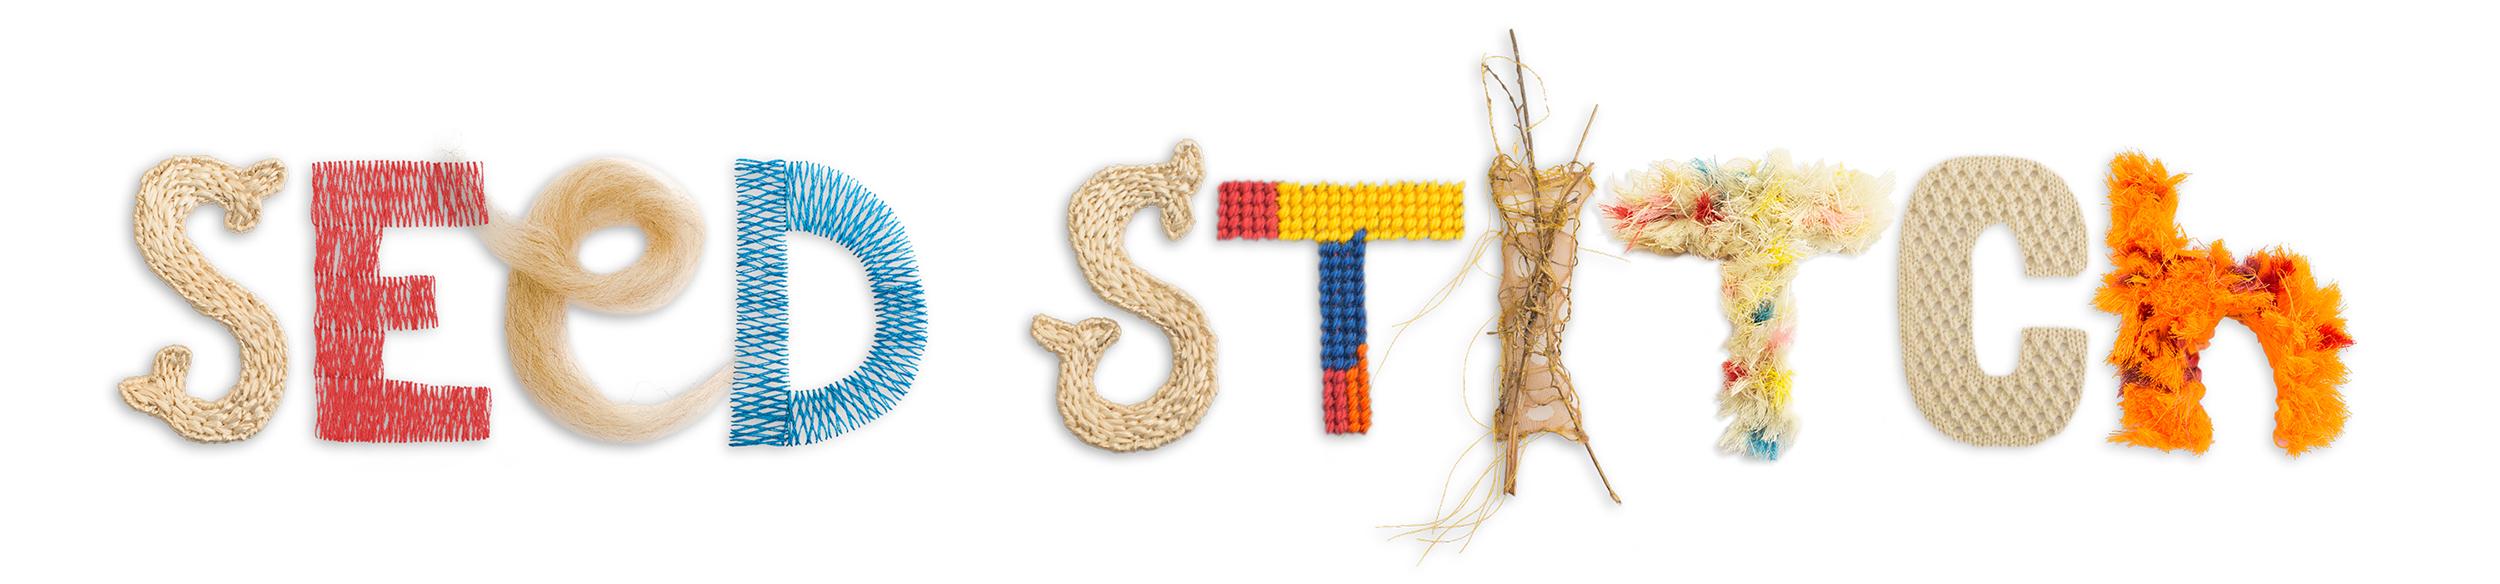 seed-stitch-logo-small